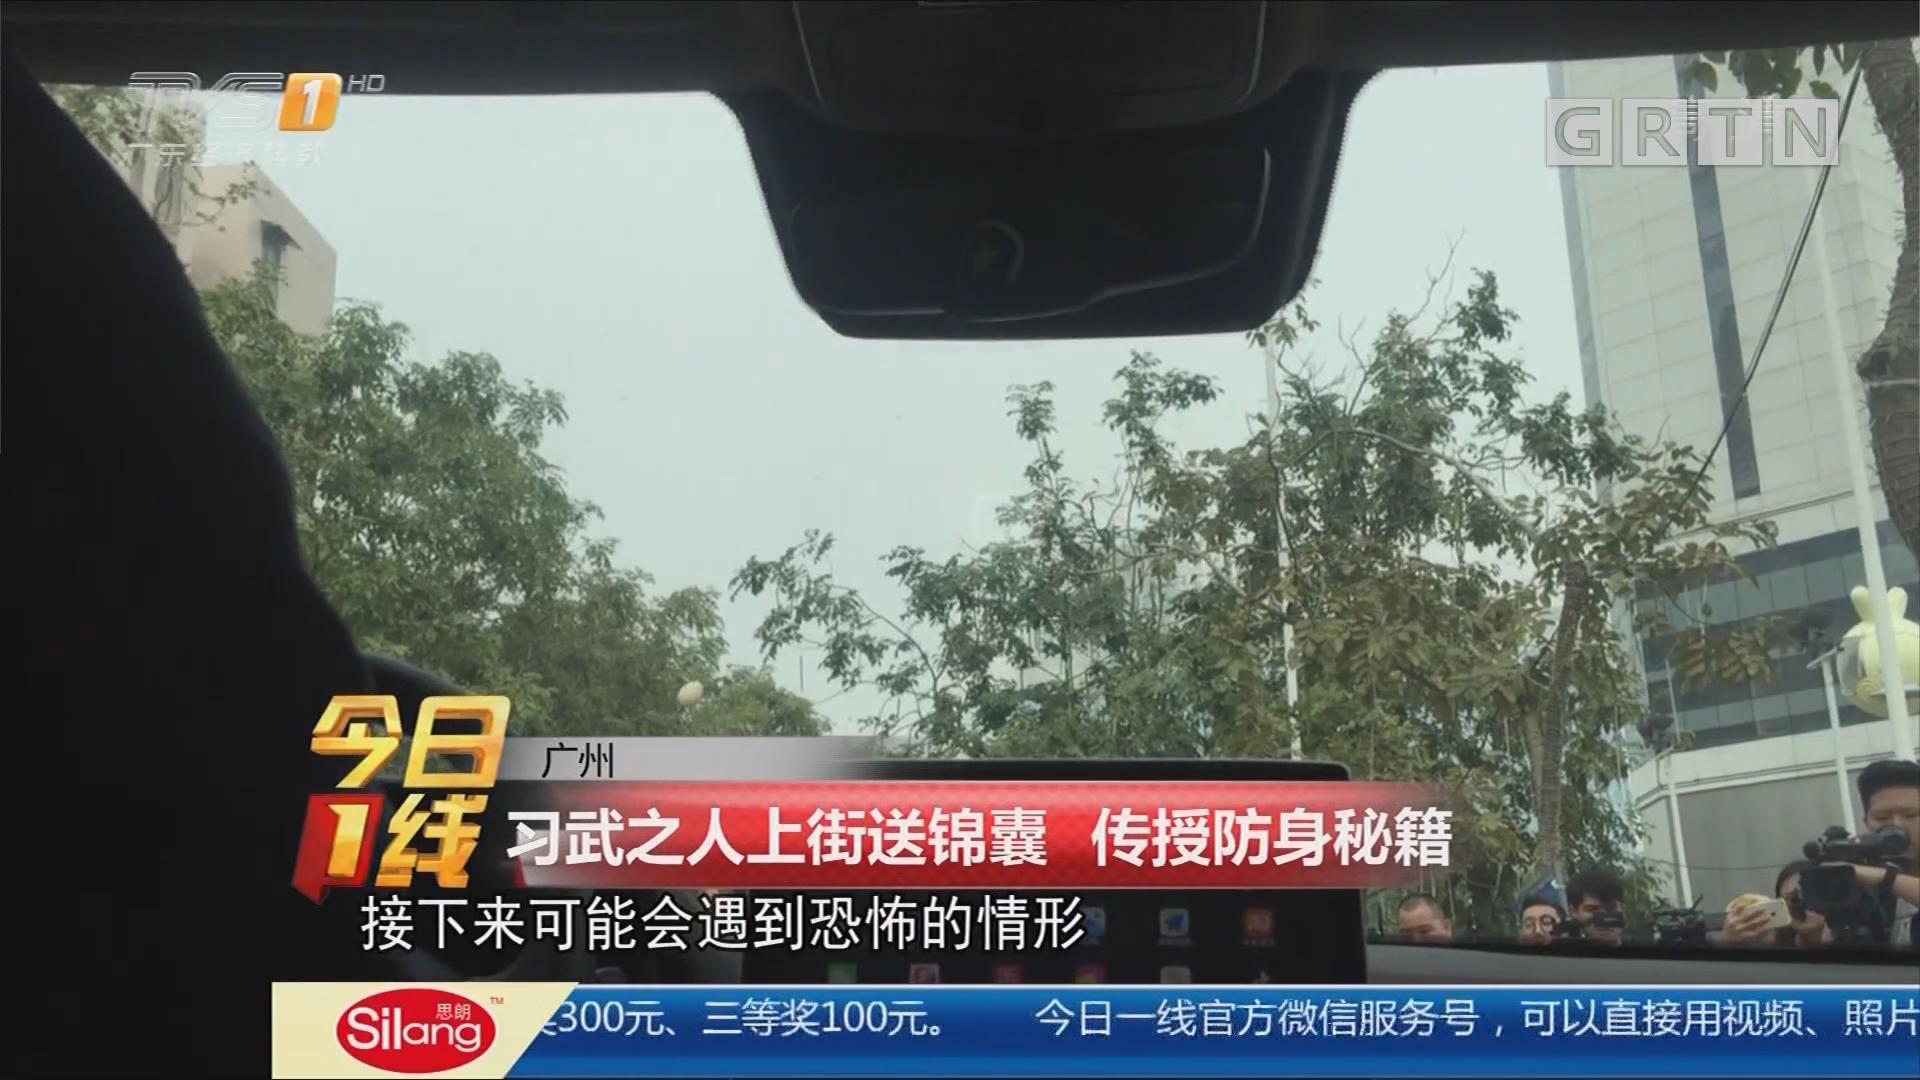 广州:习武之人上街送锦囊 传授防身秘籍